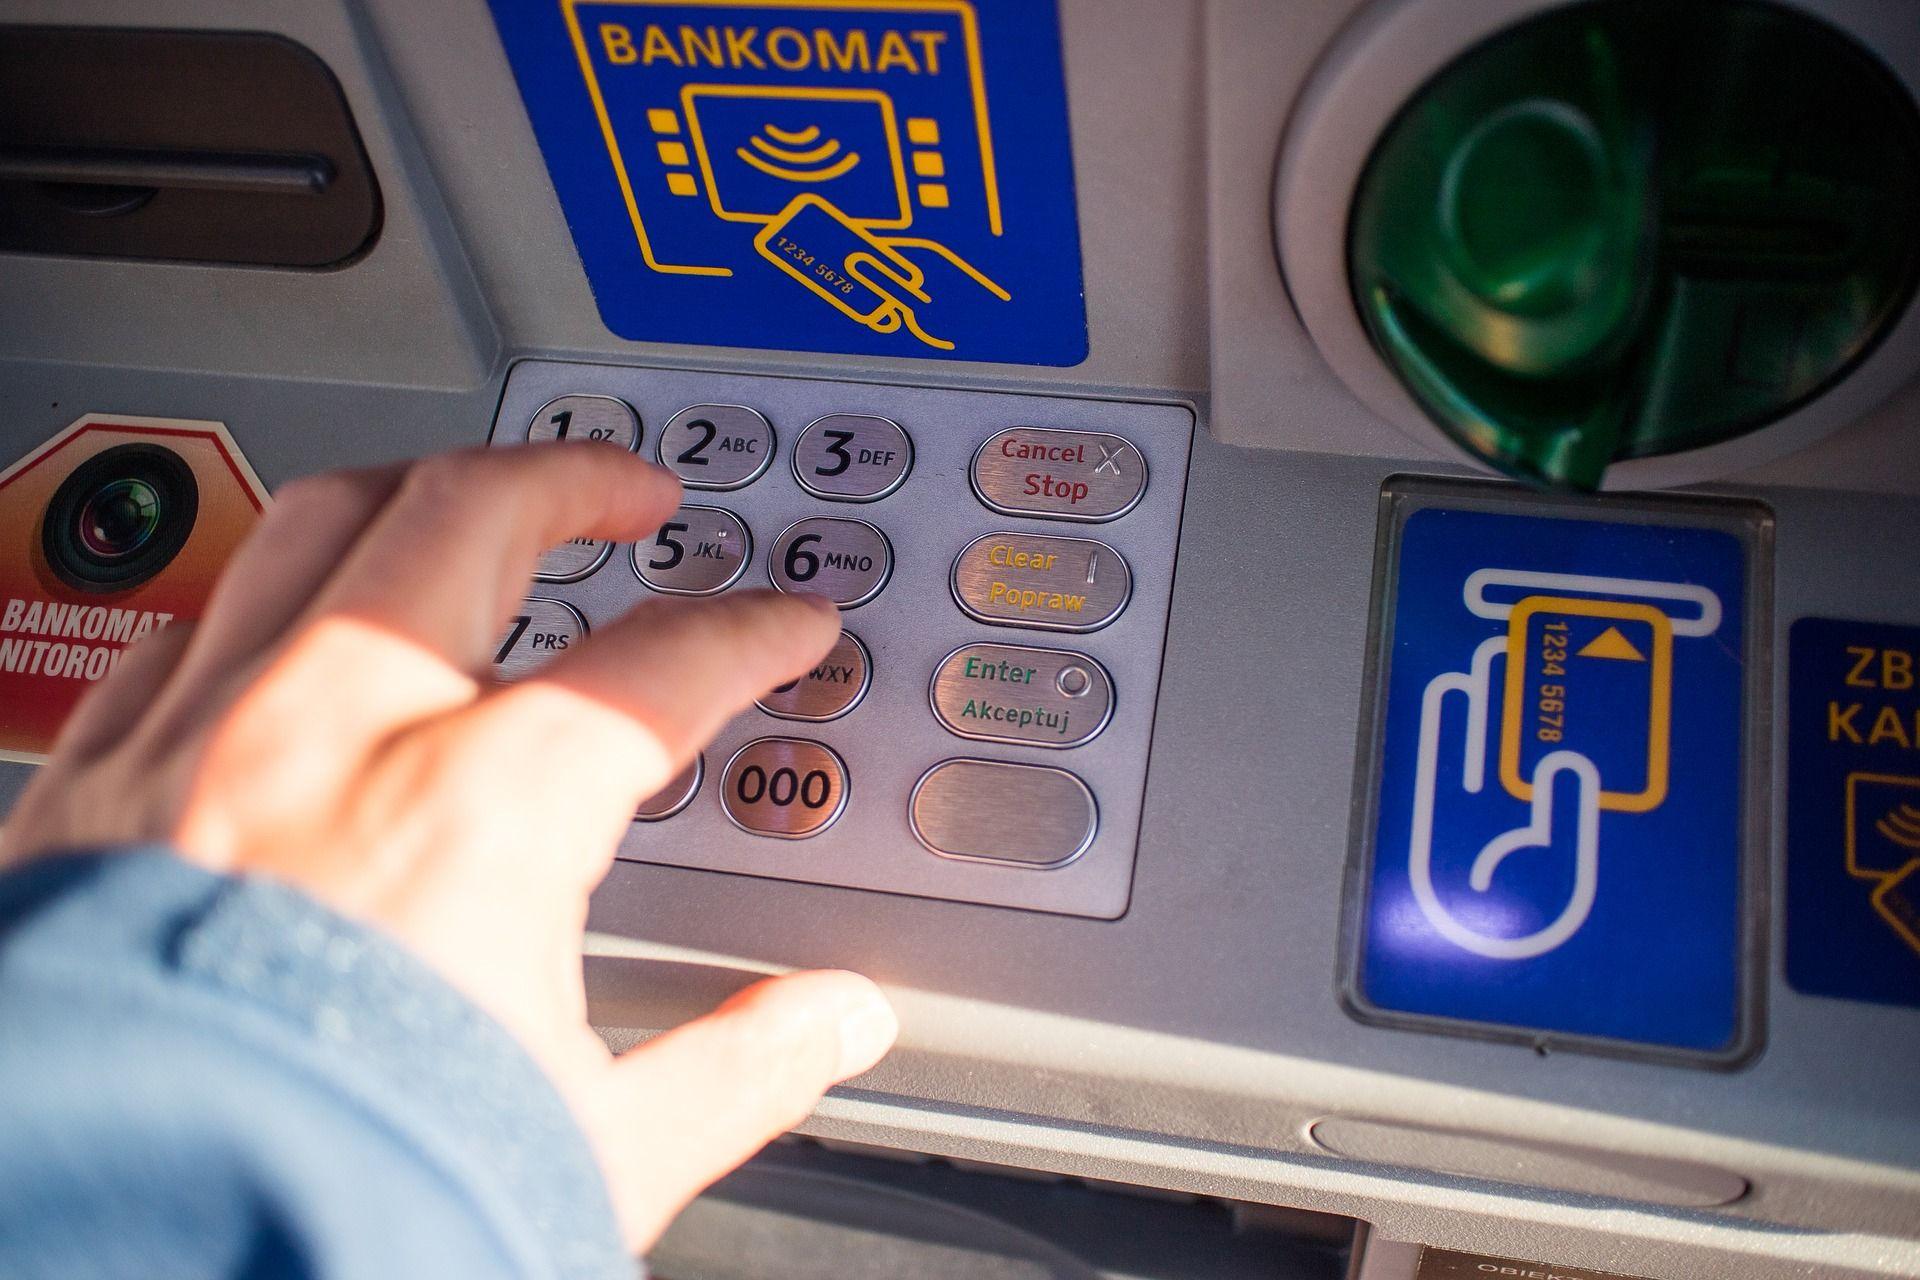 Découvrez l'appel des gilets jaunes à la panique bancaire.